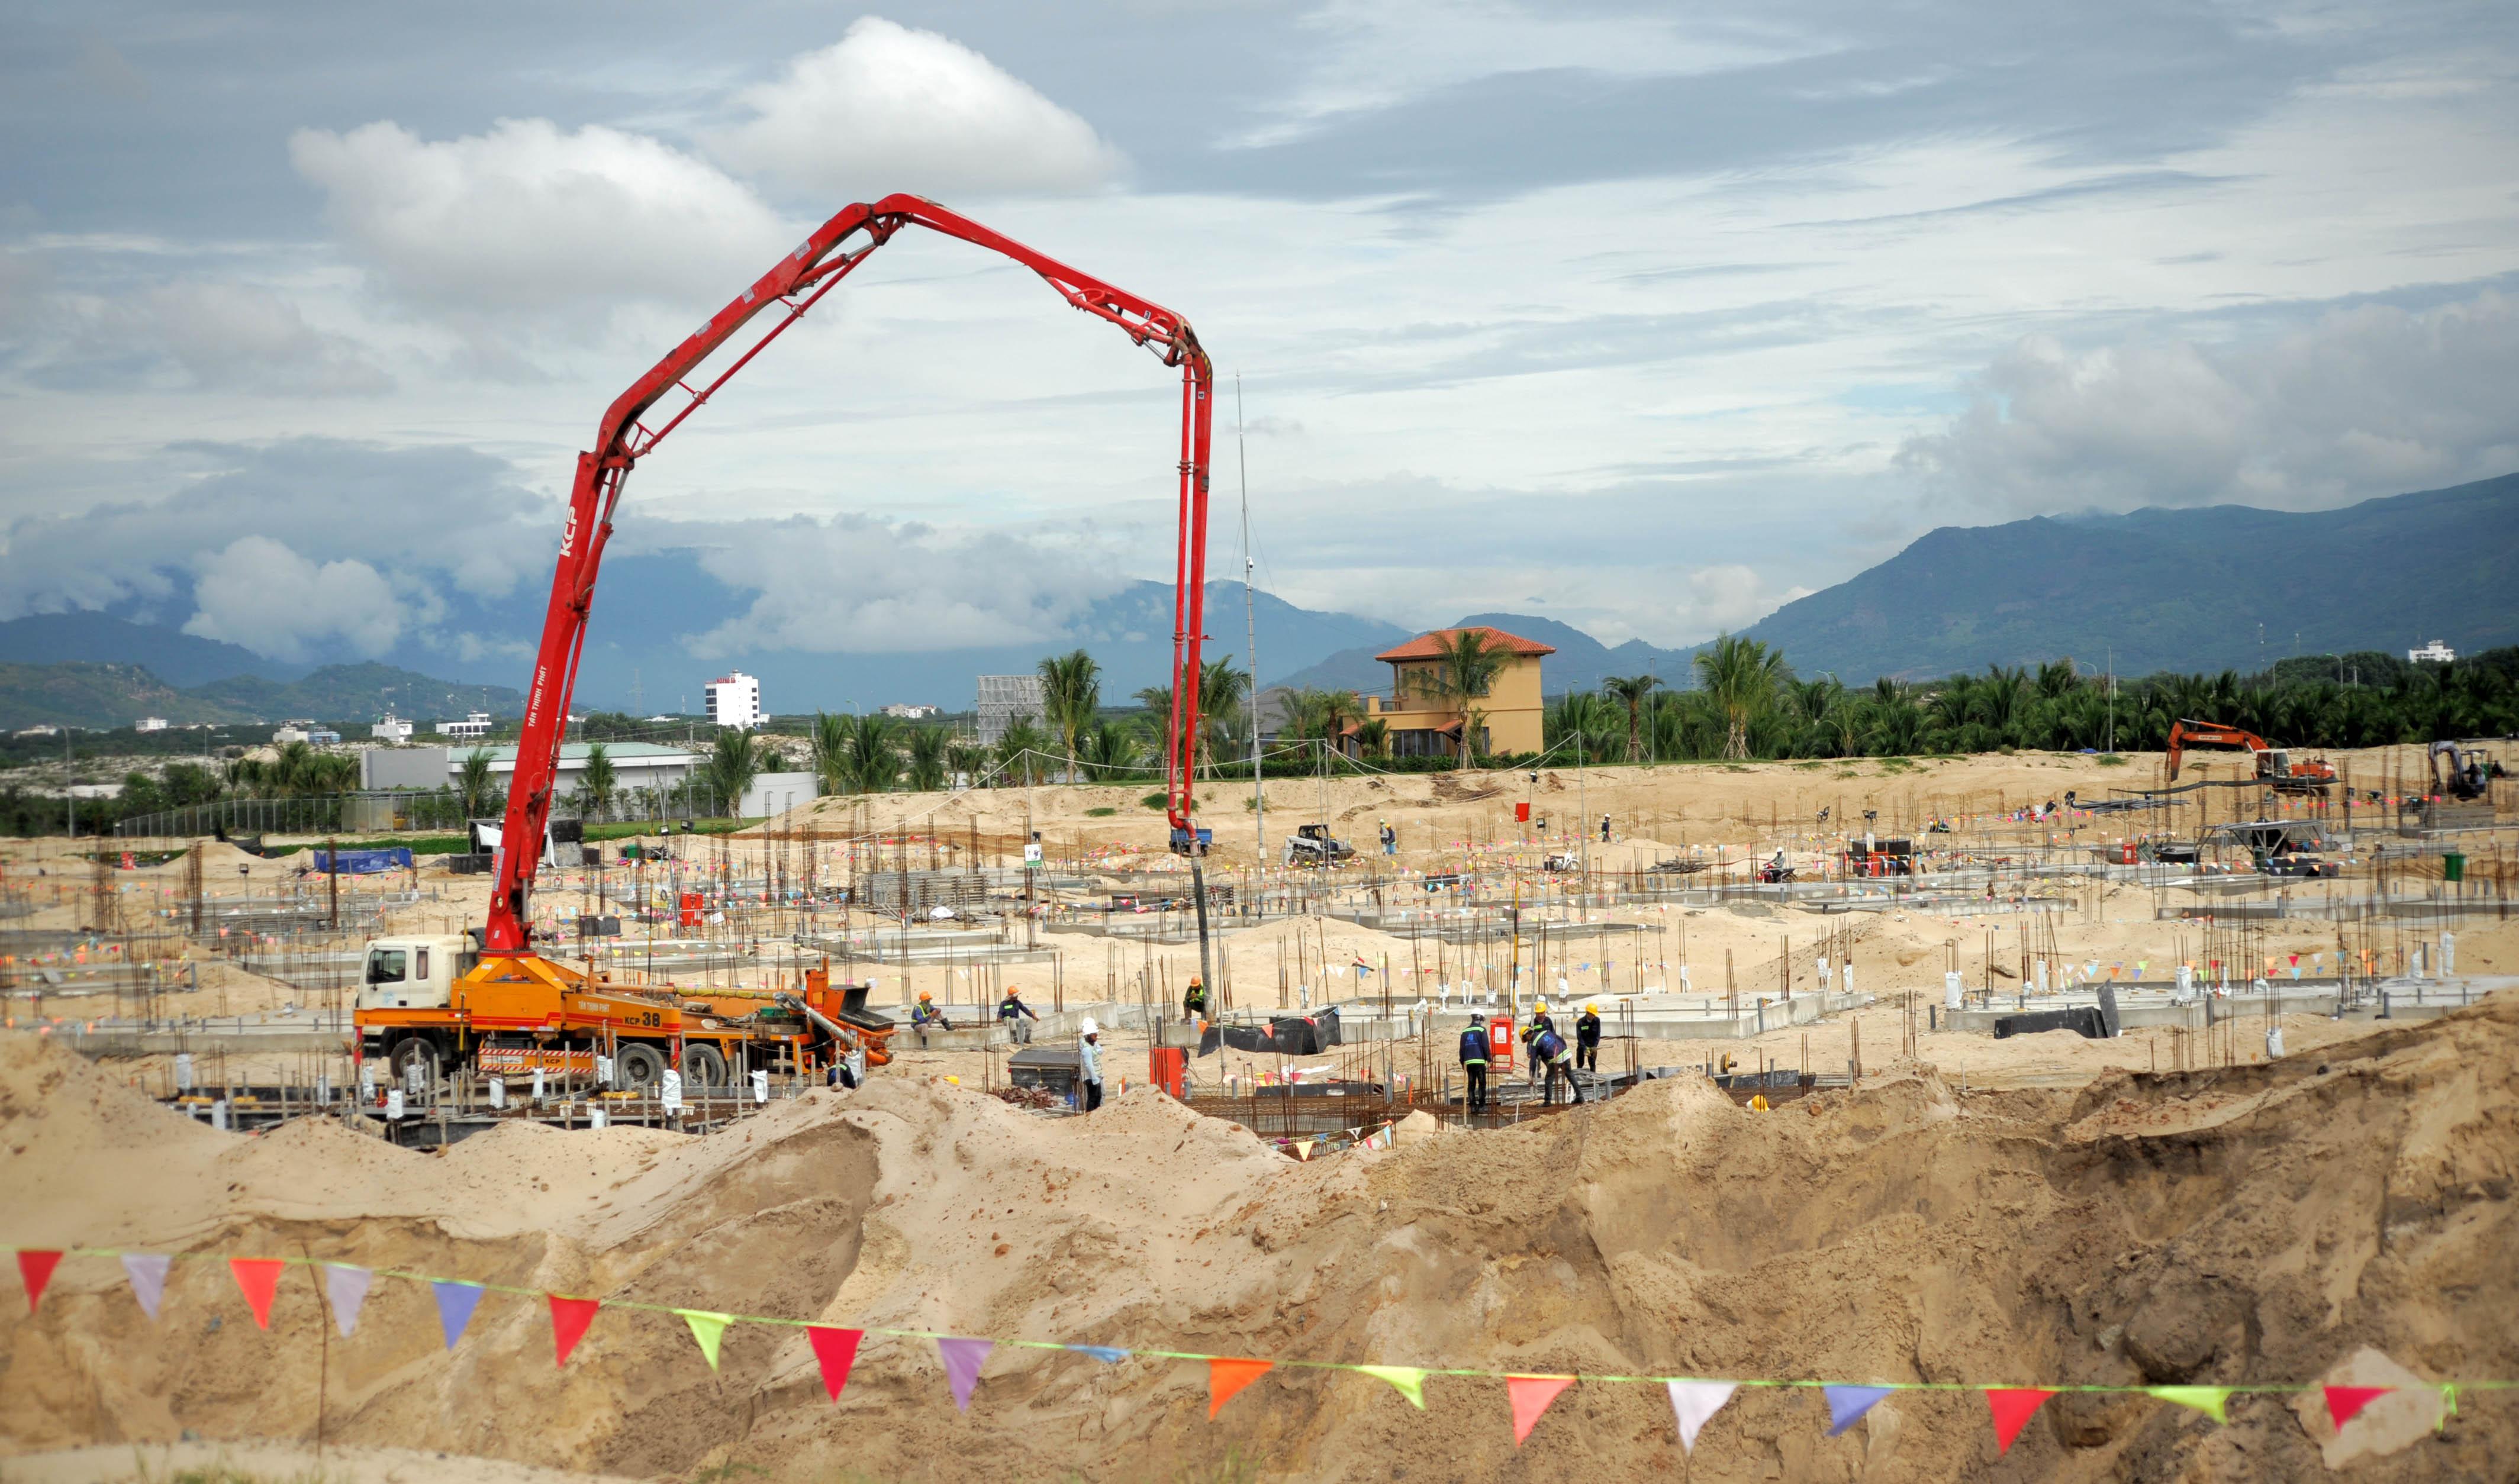 Hơn 24.000 tỉ đồng đã đầu tư vào KDL Bắc bán đảo Cam Ranh - Ảnh 2.